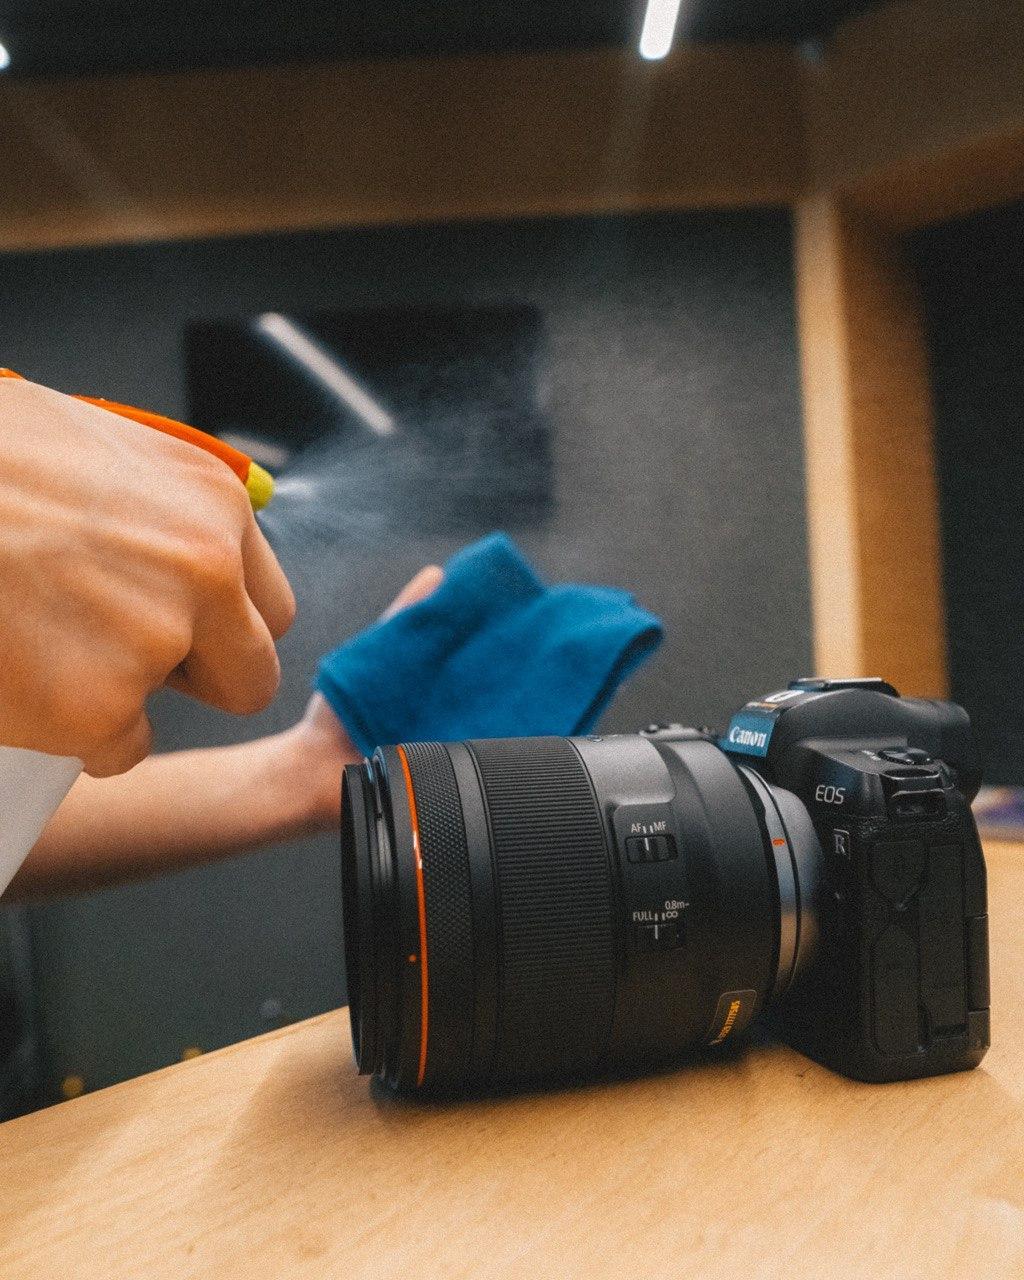 количество готовых бизнес идея прокат фототехники случае порчи бумажного